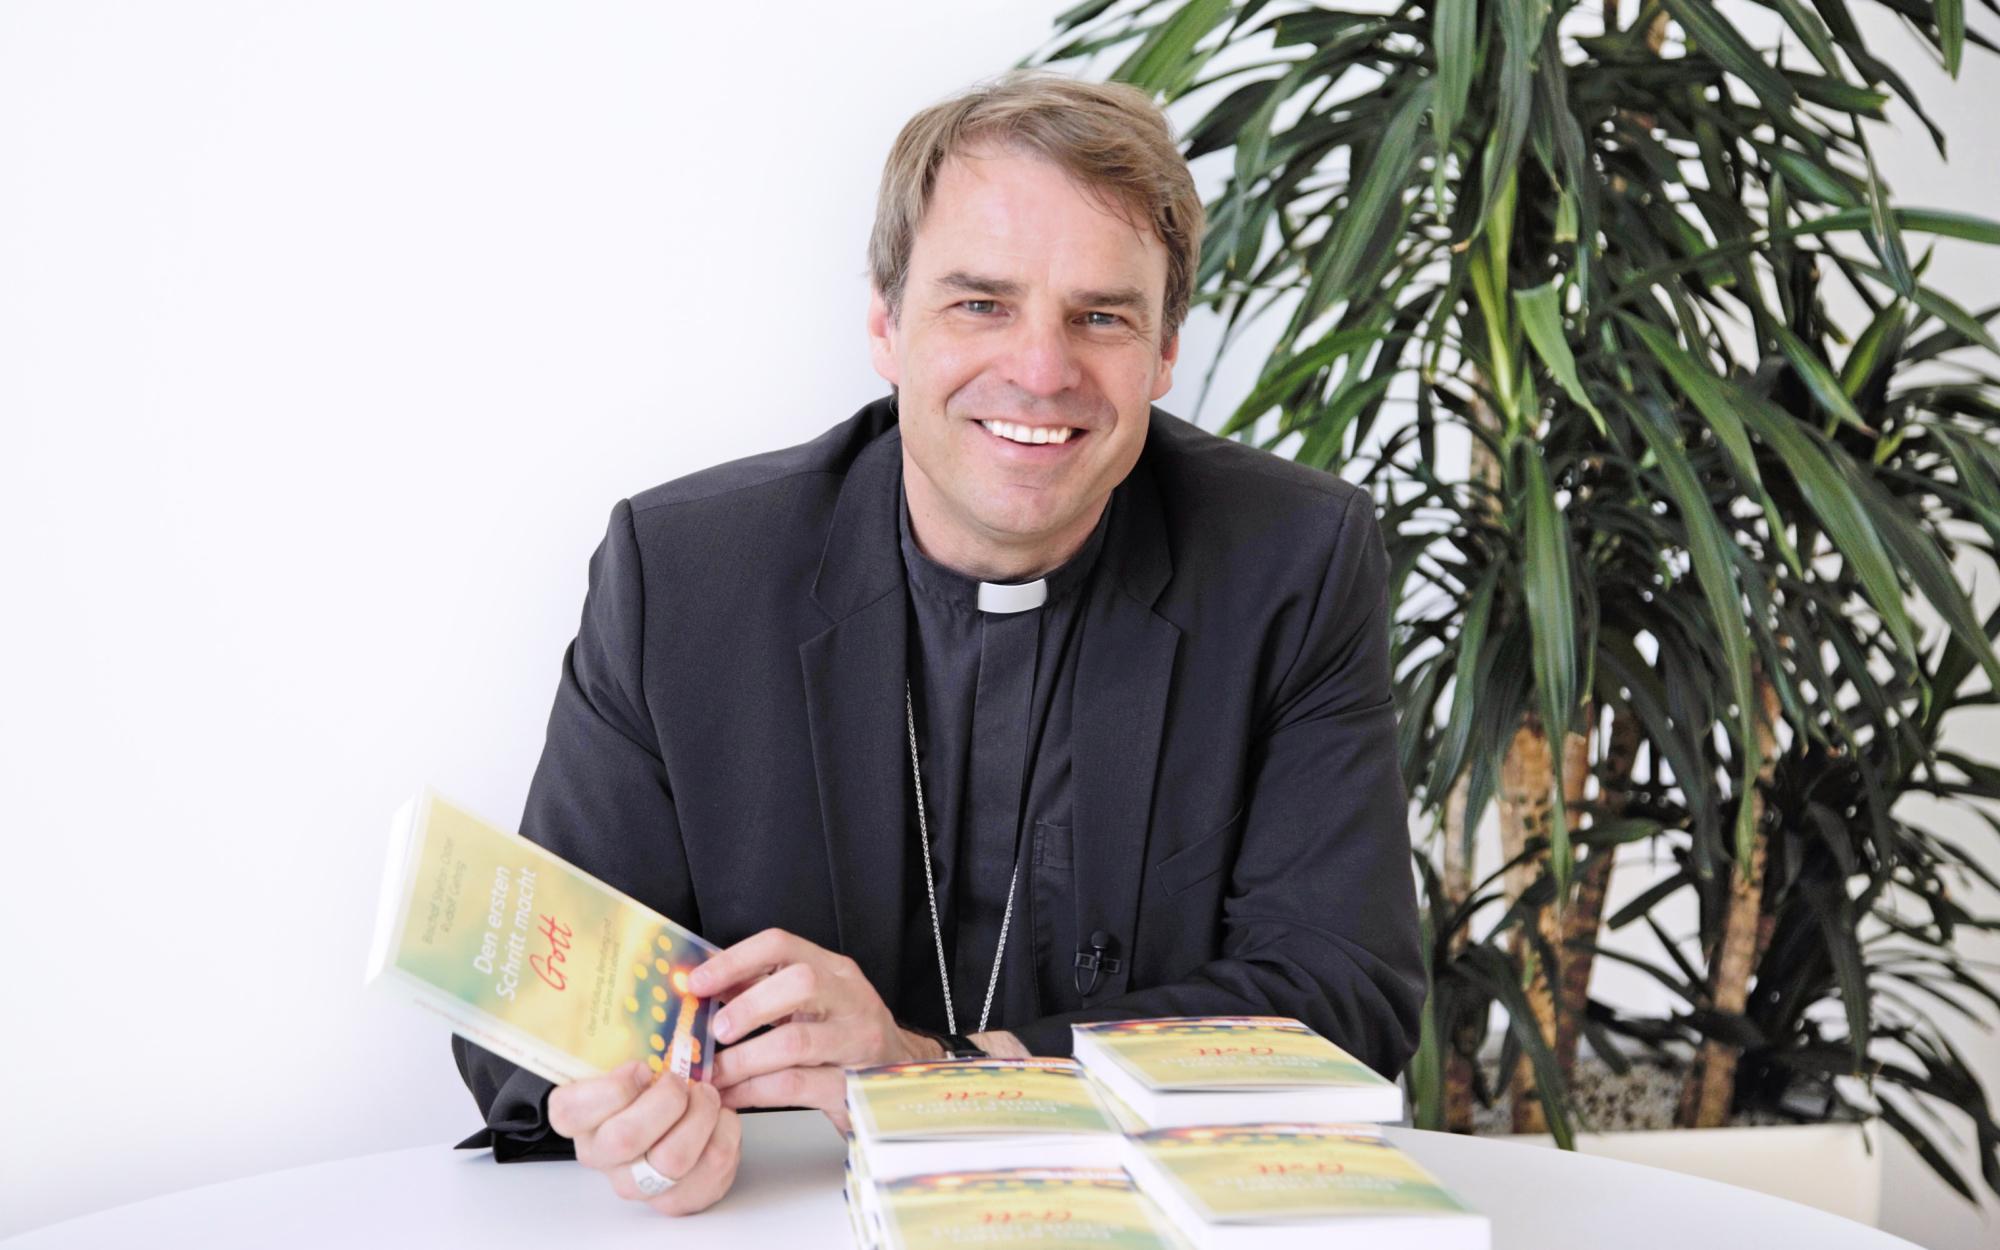 Bischof Stefan Oster Buch Den ersten Schritt macht Gott Rudolf Gehrig WB